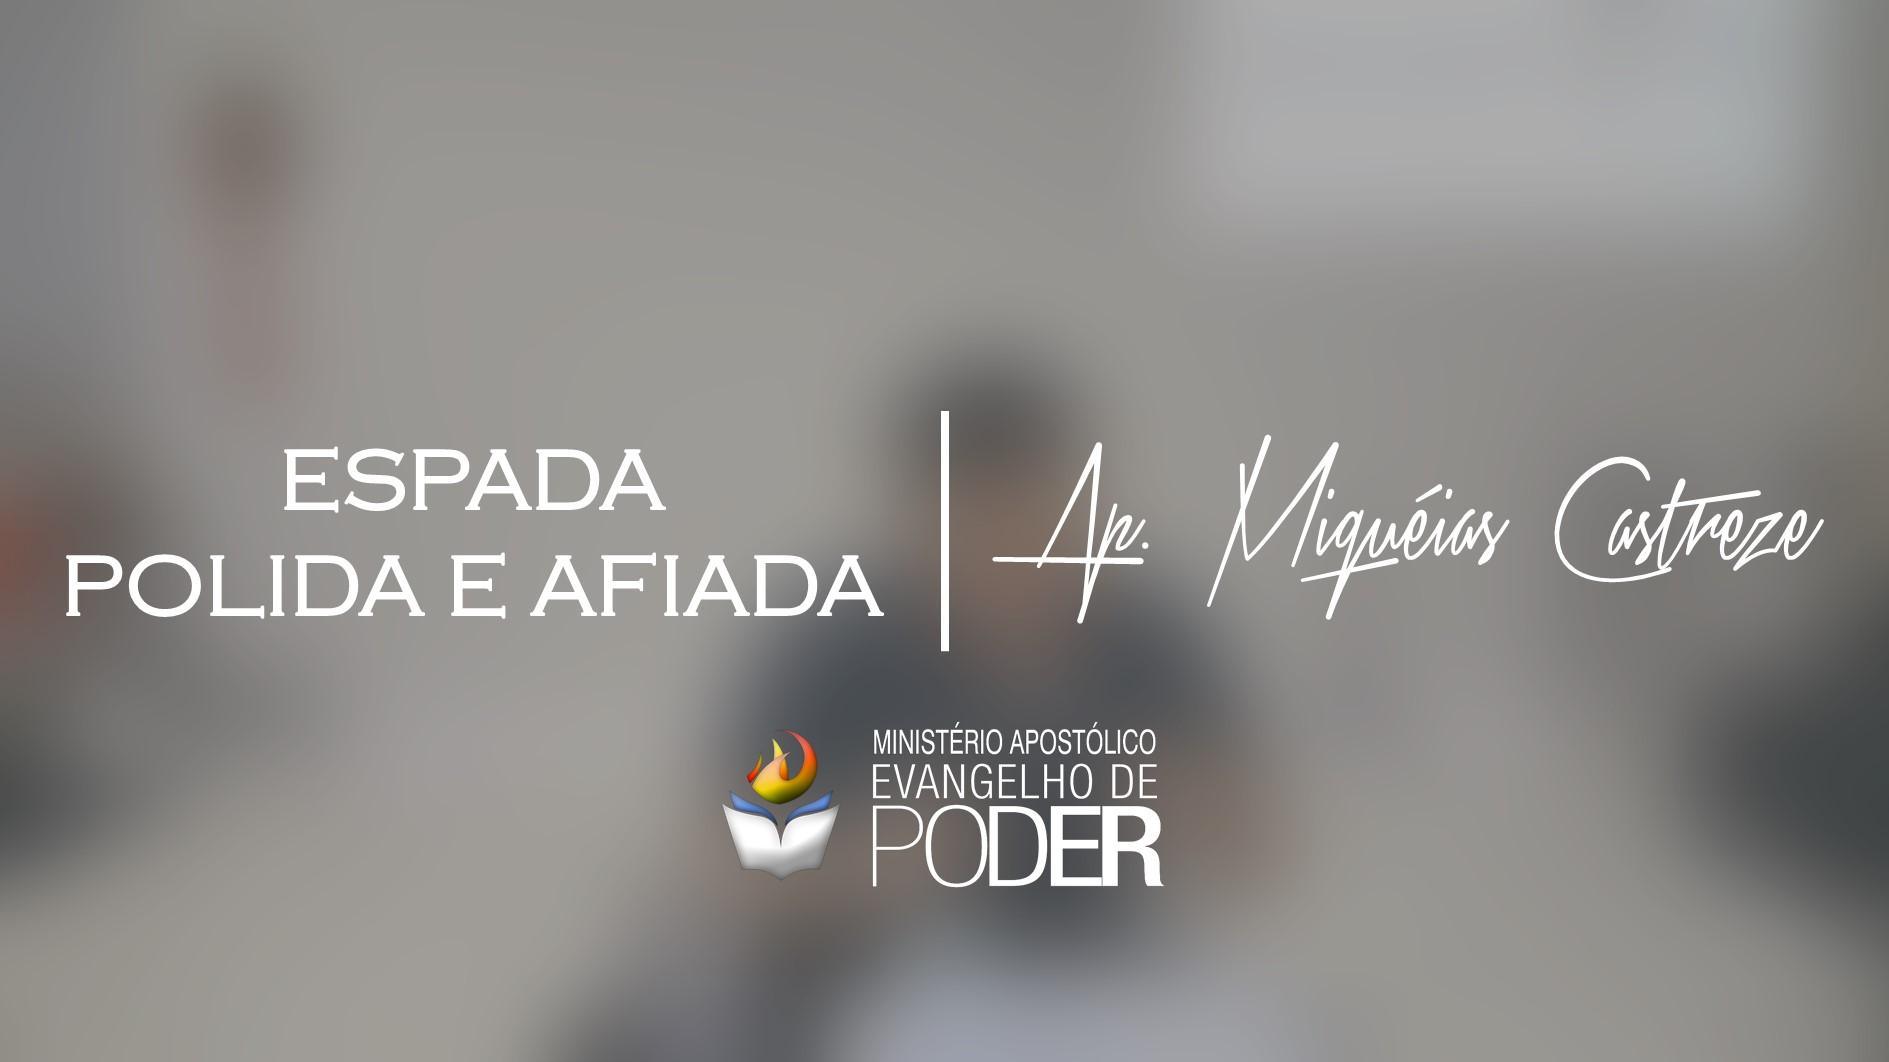 ESPADA POLIDA E AFIADA - AP. MIQUÉIAS CASTREZE